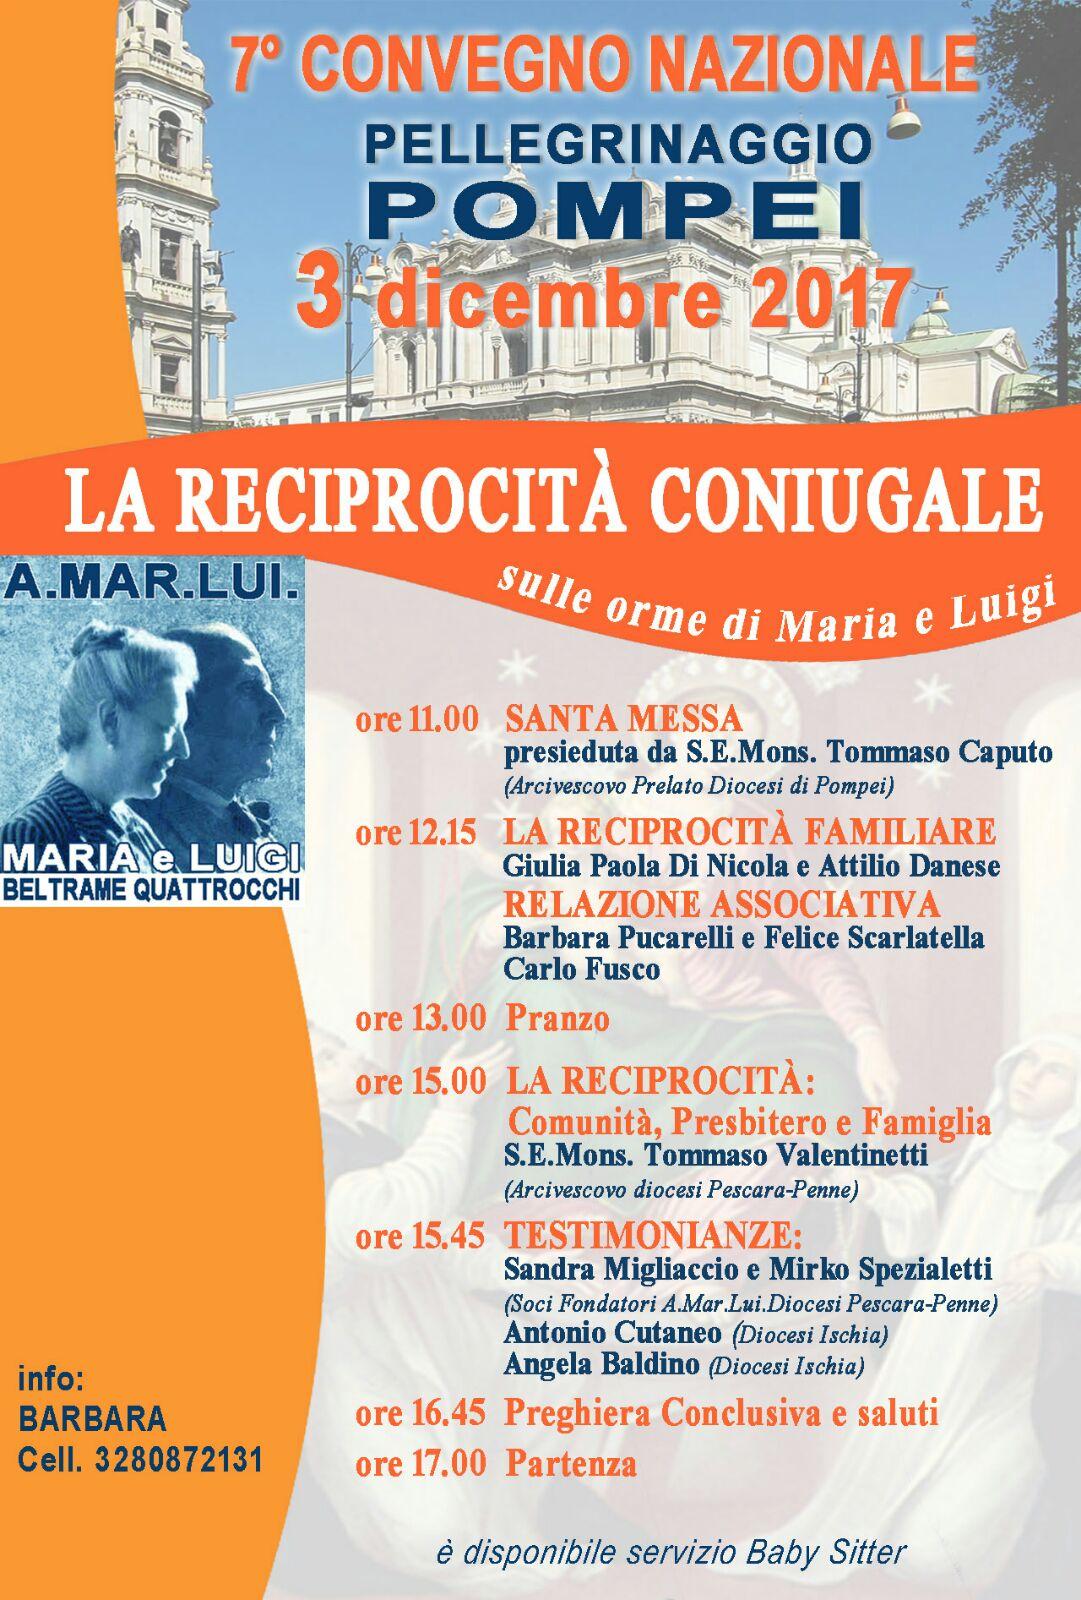 Invito per il 3 dicembre a Pompei: 7 Convegno Nazionale Pellegrinaggio  dell'Associazione AMARLUI dei Beati Luigi e Maria